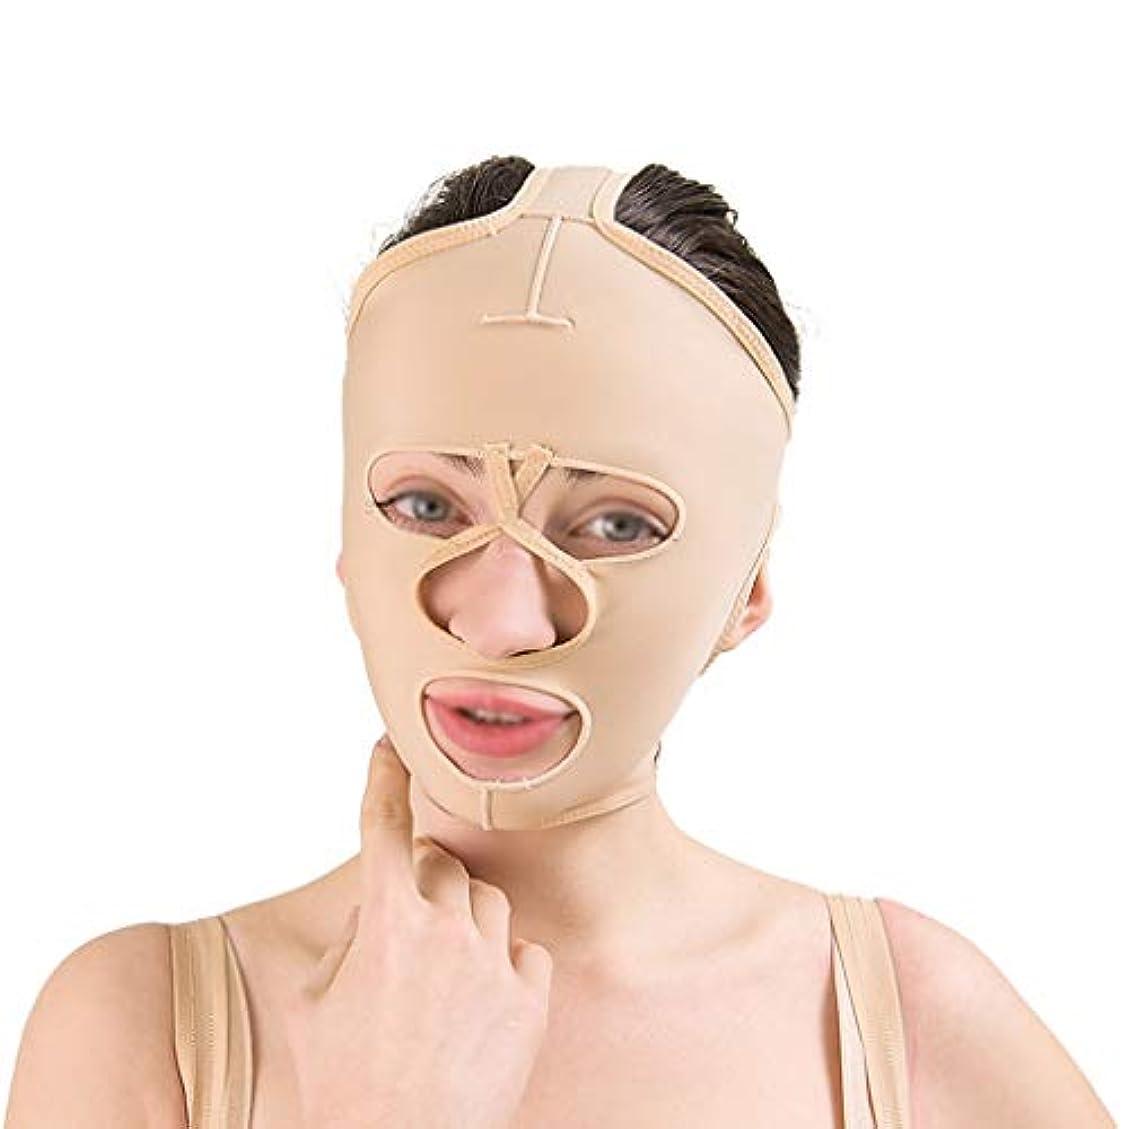 ベッド野なクローゼットフェイシャルリフティングツール、フェイシャルビューティリフティングマスク、通気性のあるファーミングリフティングフェイシャル包帯、フェイシャルタイトバンデージ (Size : S)